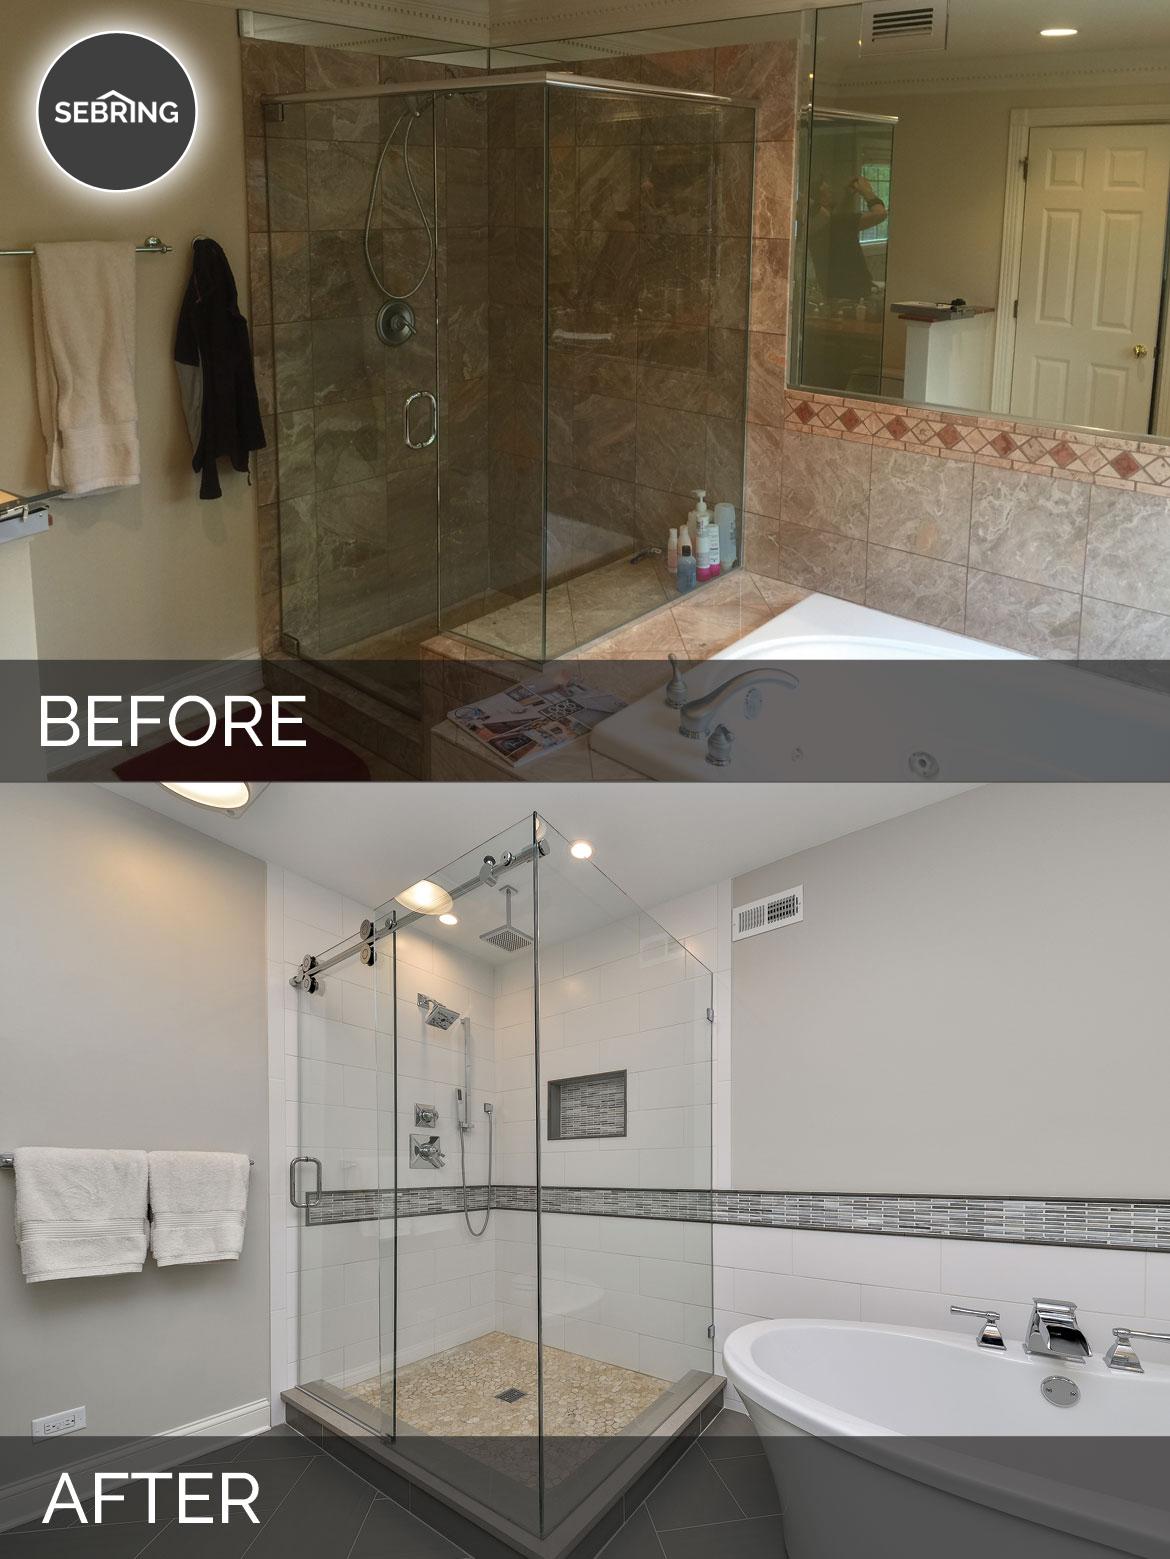 Greg Julie S Master Bathroom Remodel Before After Pictures Home Remodeling Contractors Sebring Design Build